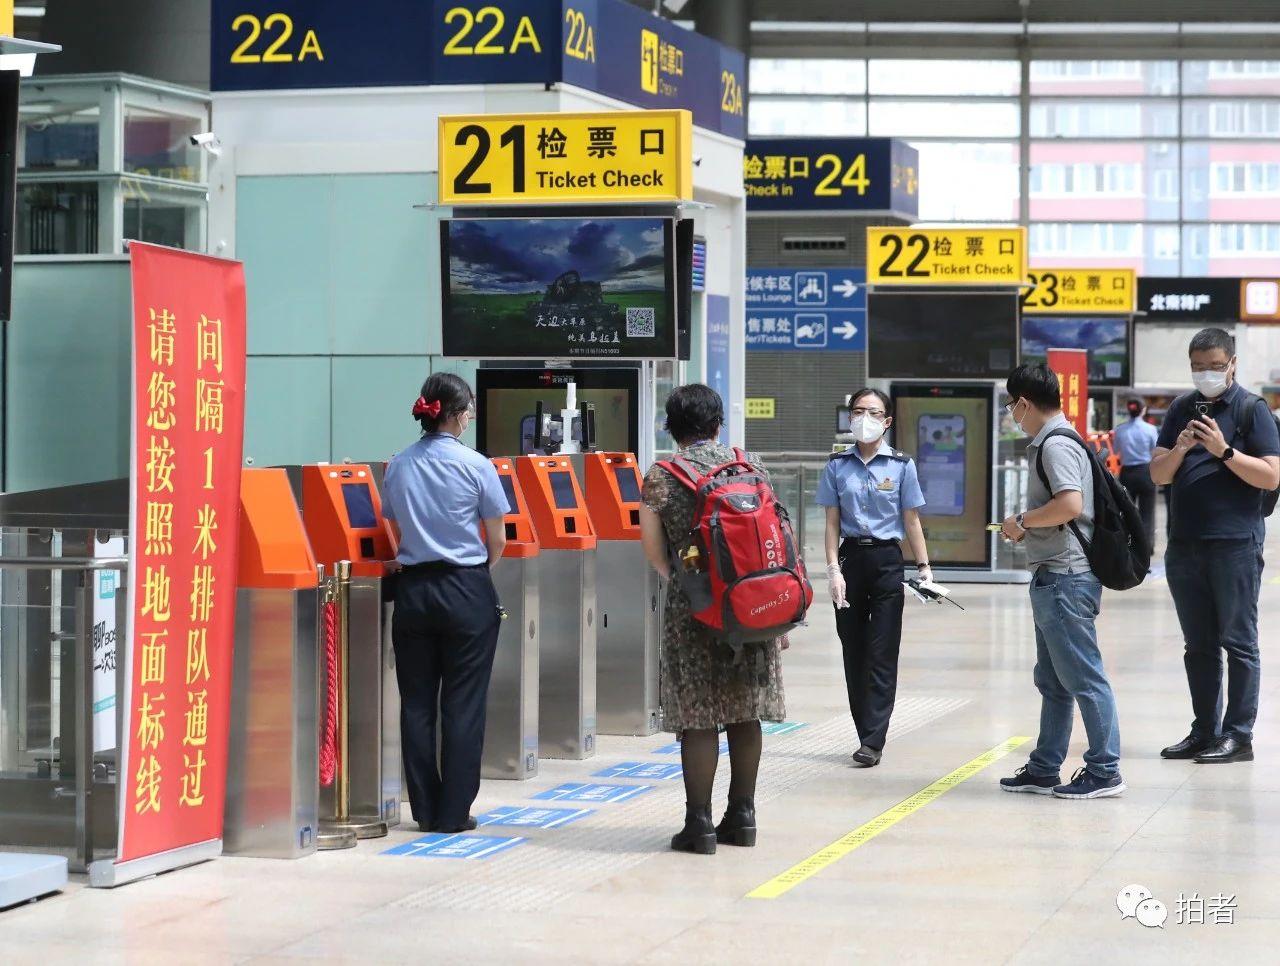 △6月17日,北京南站,事情职员提示搭客保持一米距离有序检票。拍照/新京报记者王贵彬